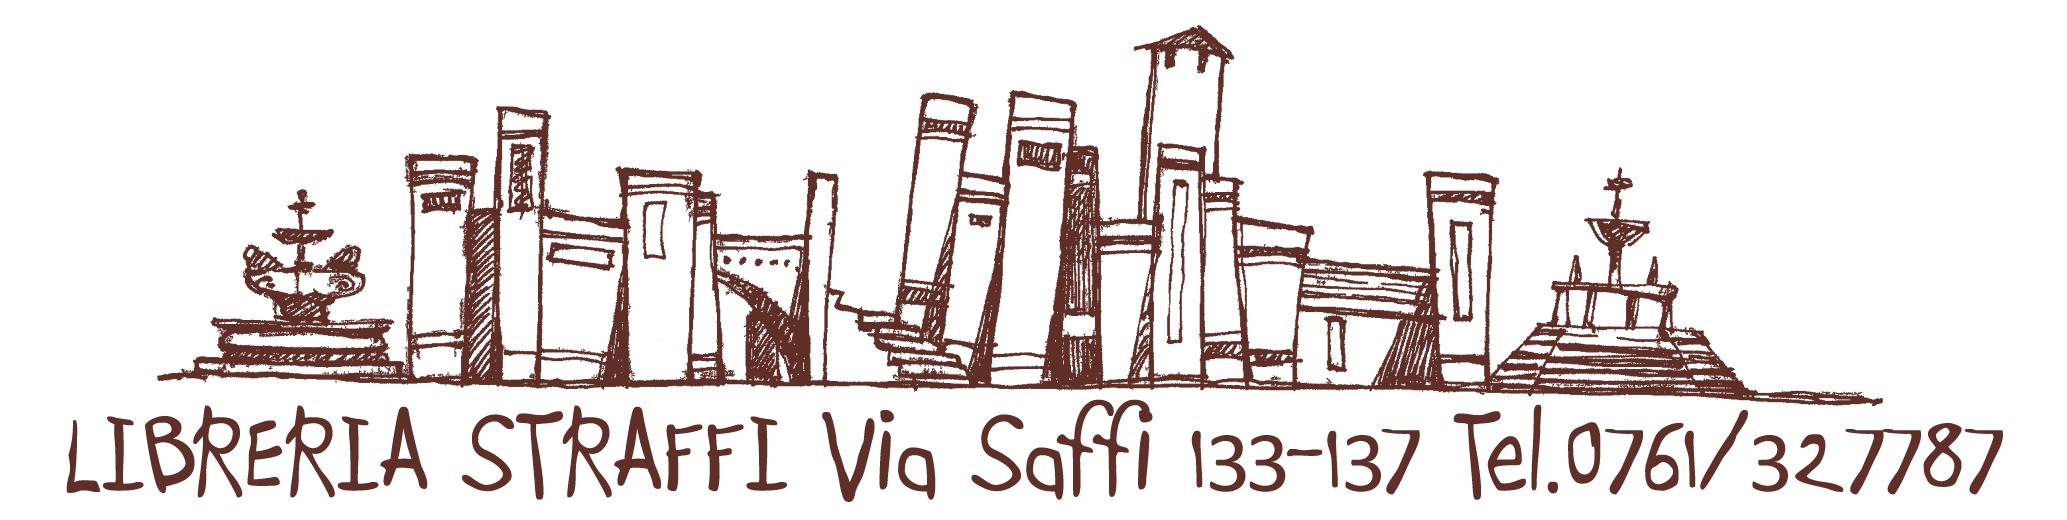 Libreria Straffi